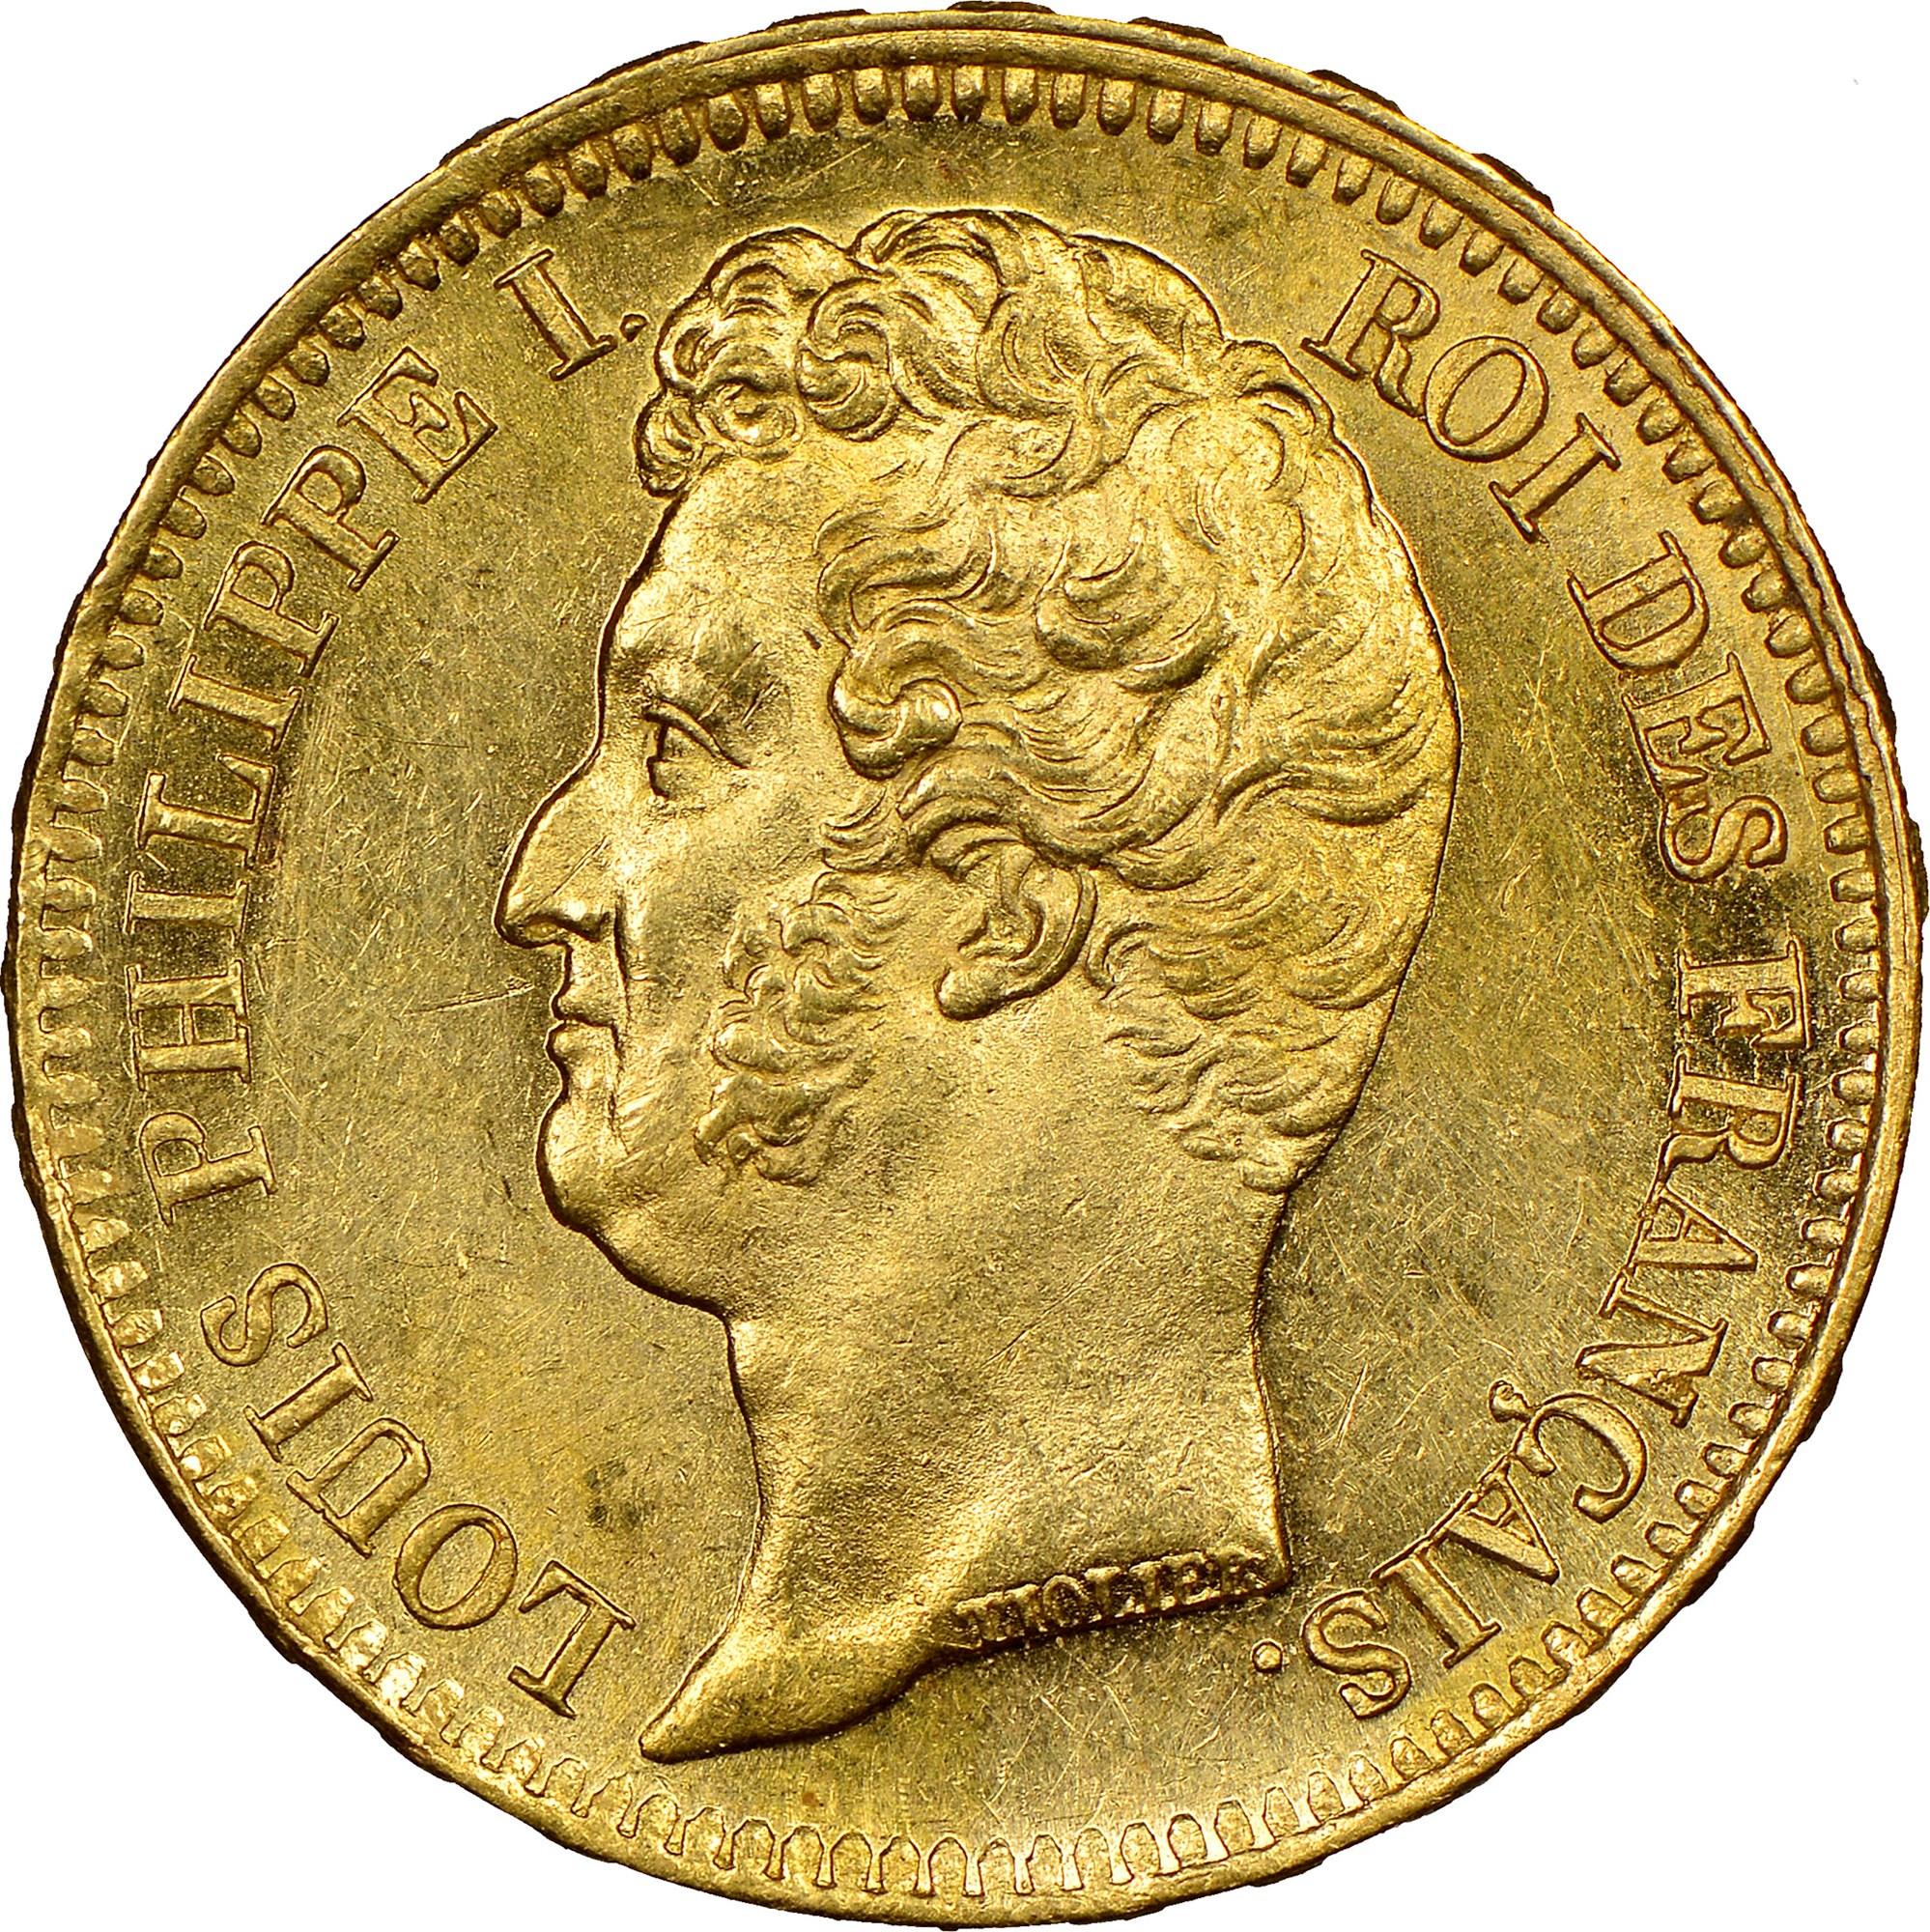 France 20 Francs obverse